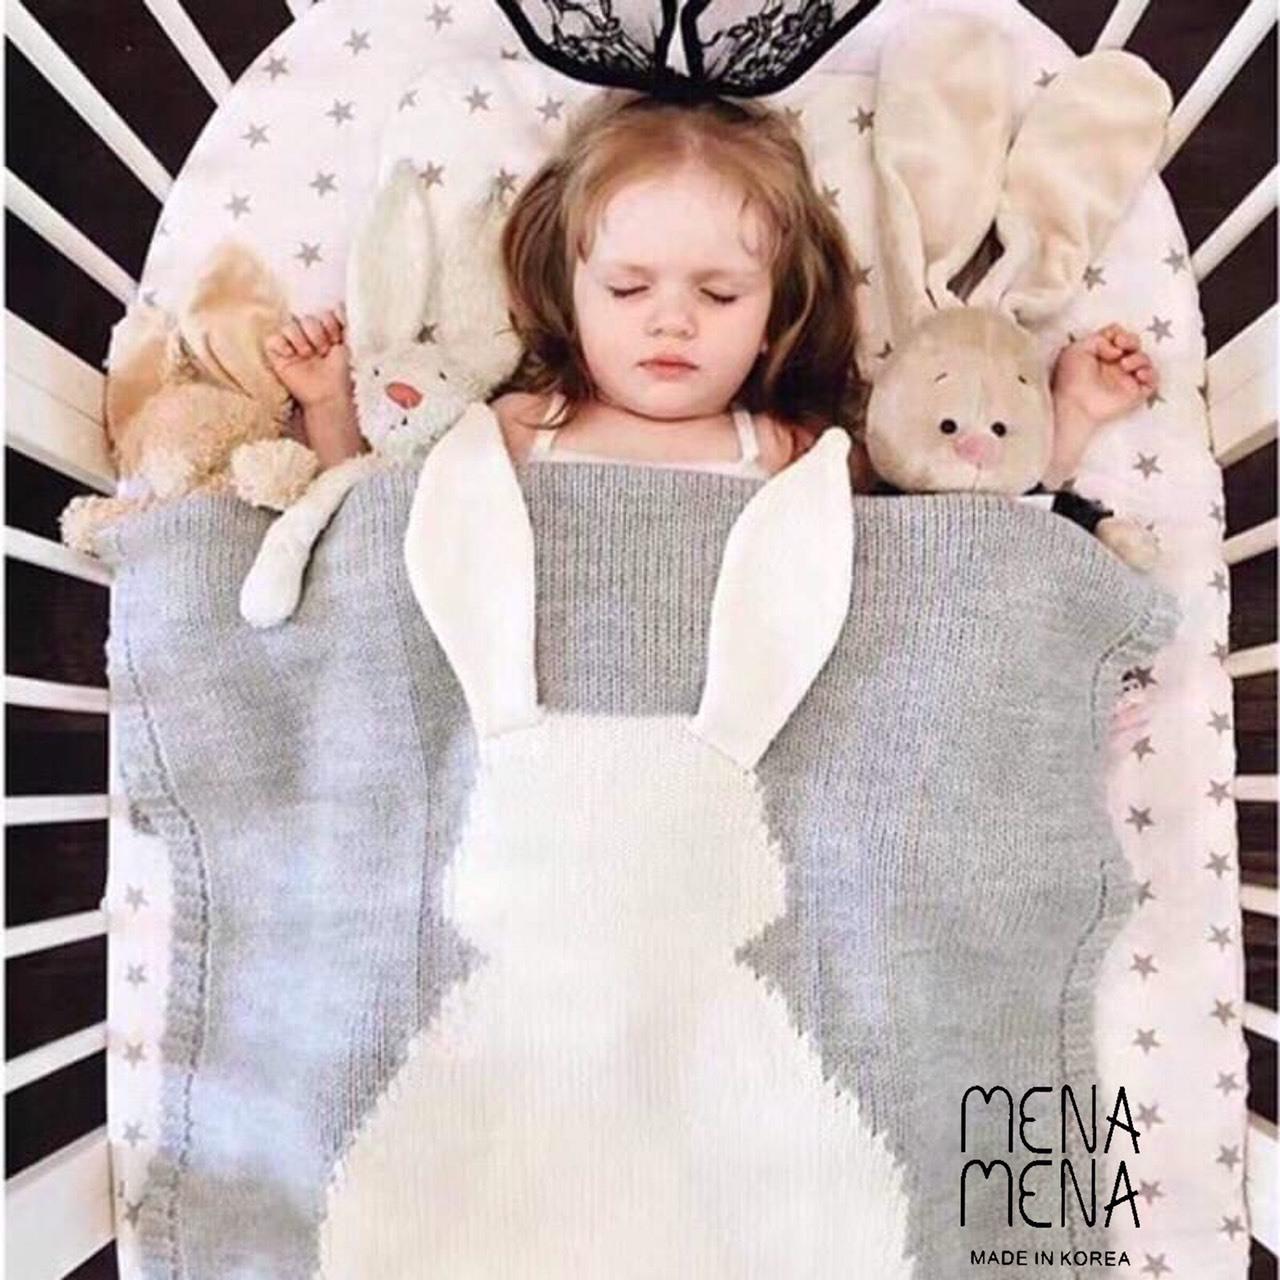 พร้อมส่ง ผ้าห่ม หรือผ้าปู กระต่ายน้อย งานนุ่มนิ่ม